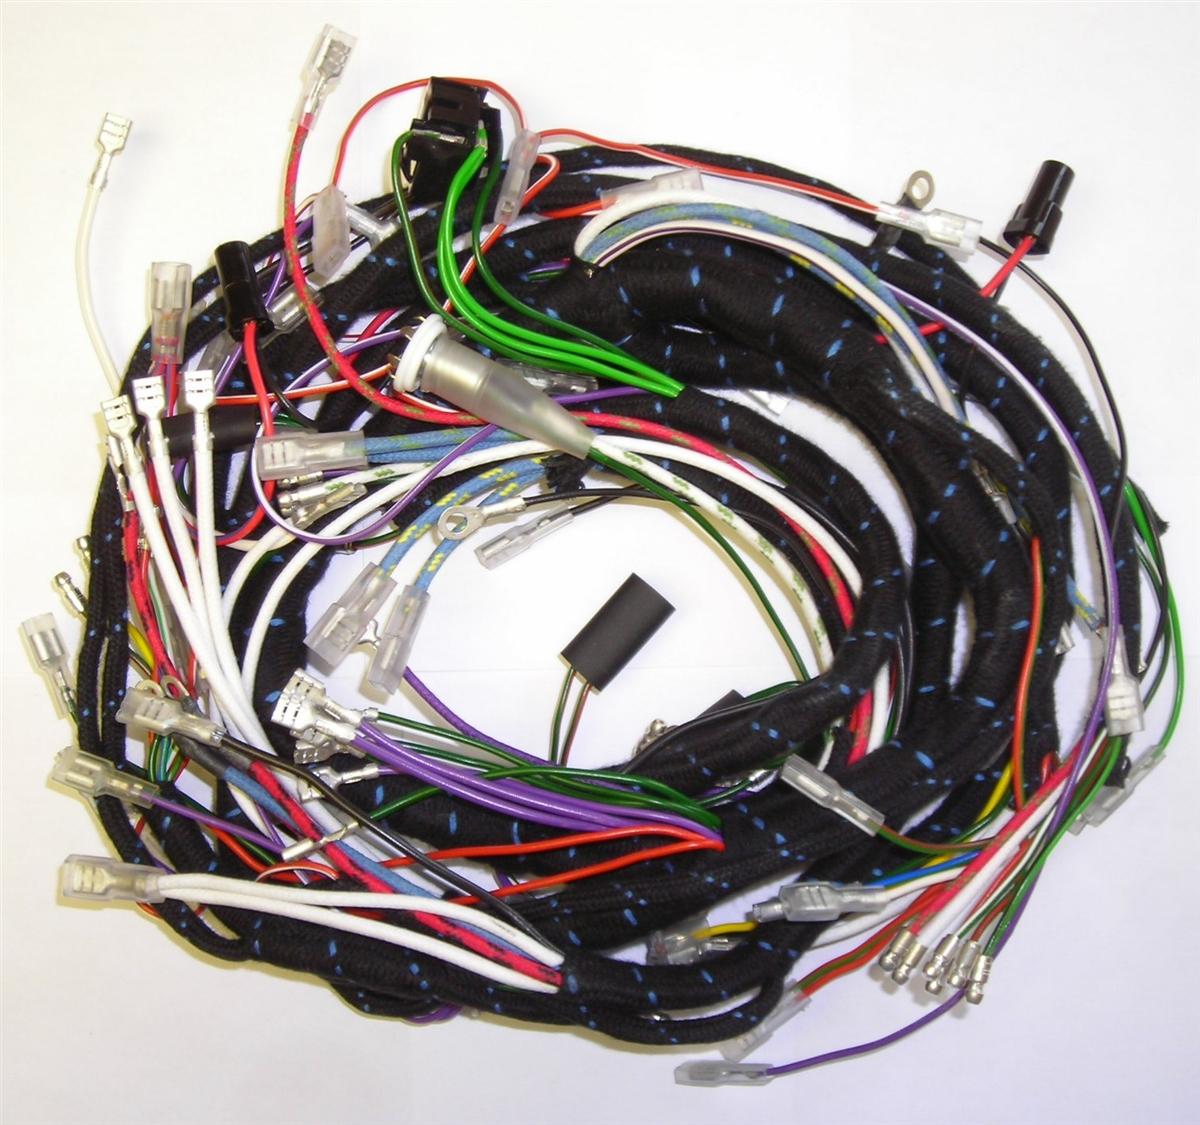 116-2 Jaguar Xk Wiring Harness on mg midget wiring harness, sunbeam tiger wiring harness, ac cobra wiring harness,